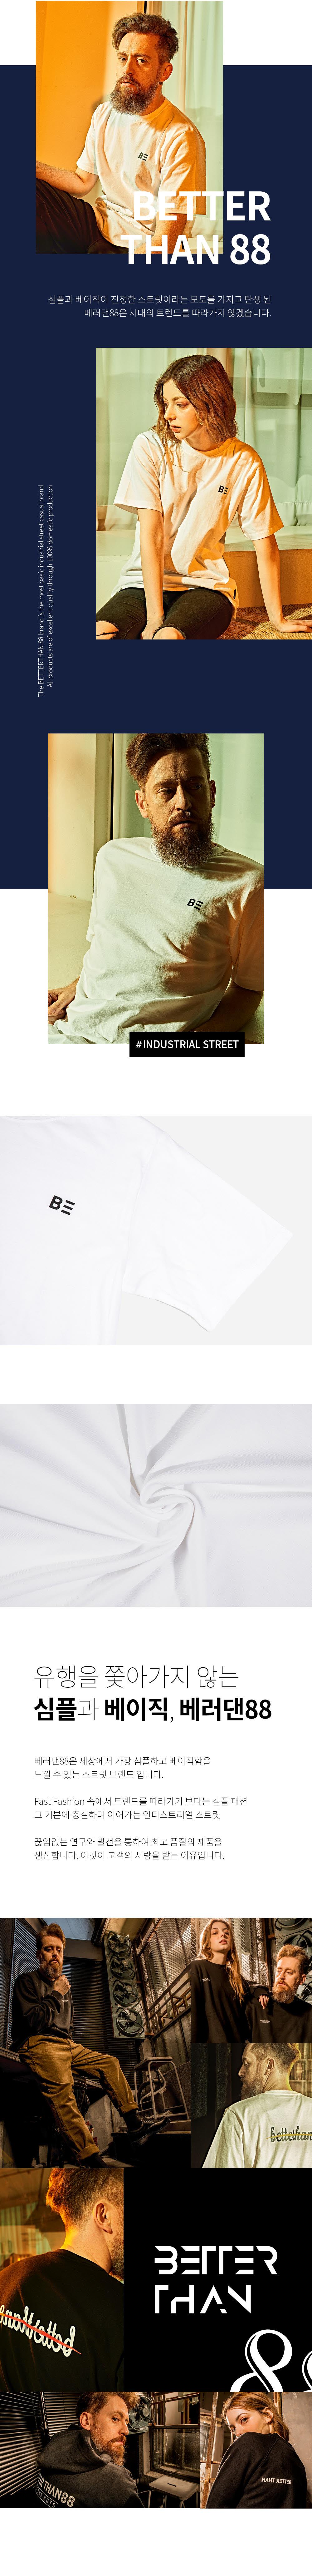 [베러댄88] M1292BB 하트스프링스 오버핏 워싱 20수 반팔티셔츠 모노화이트